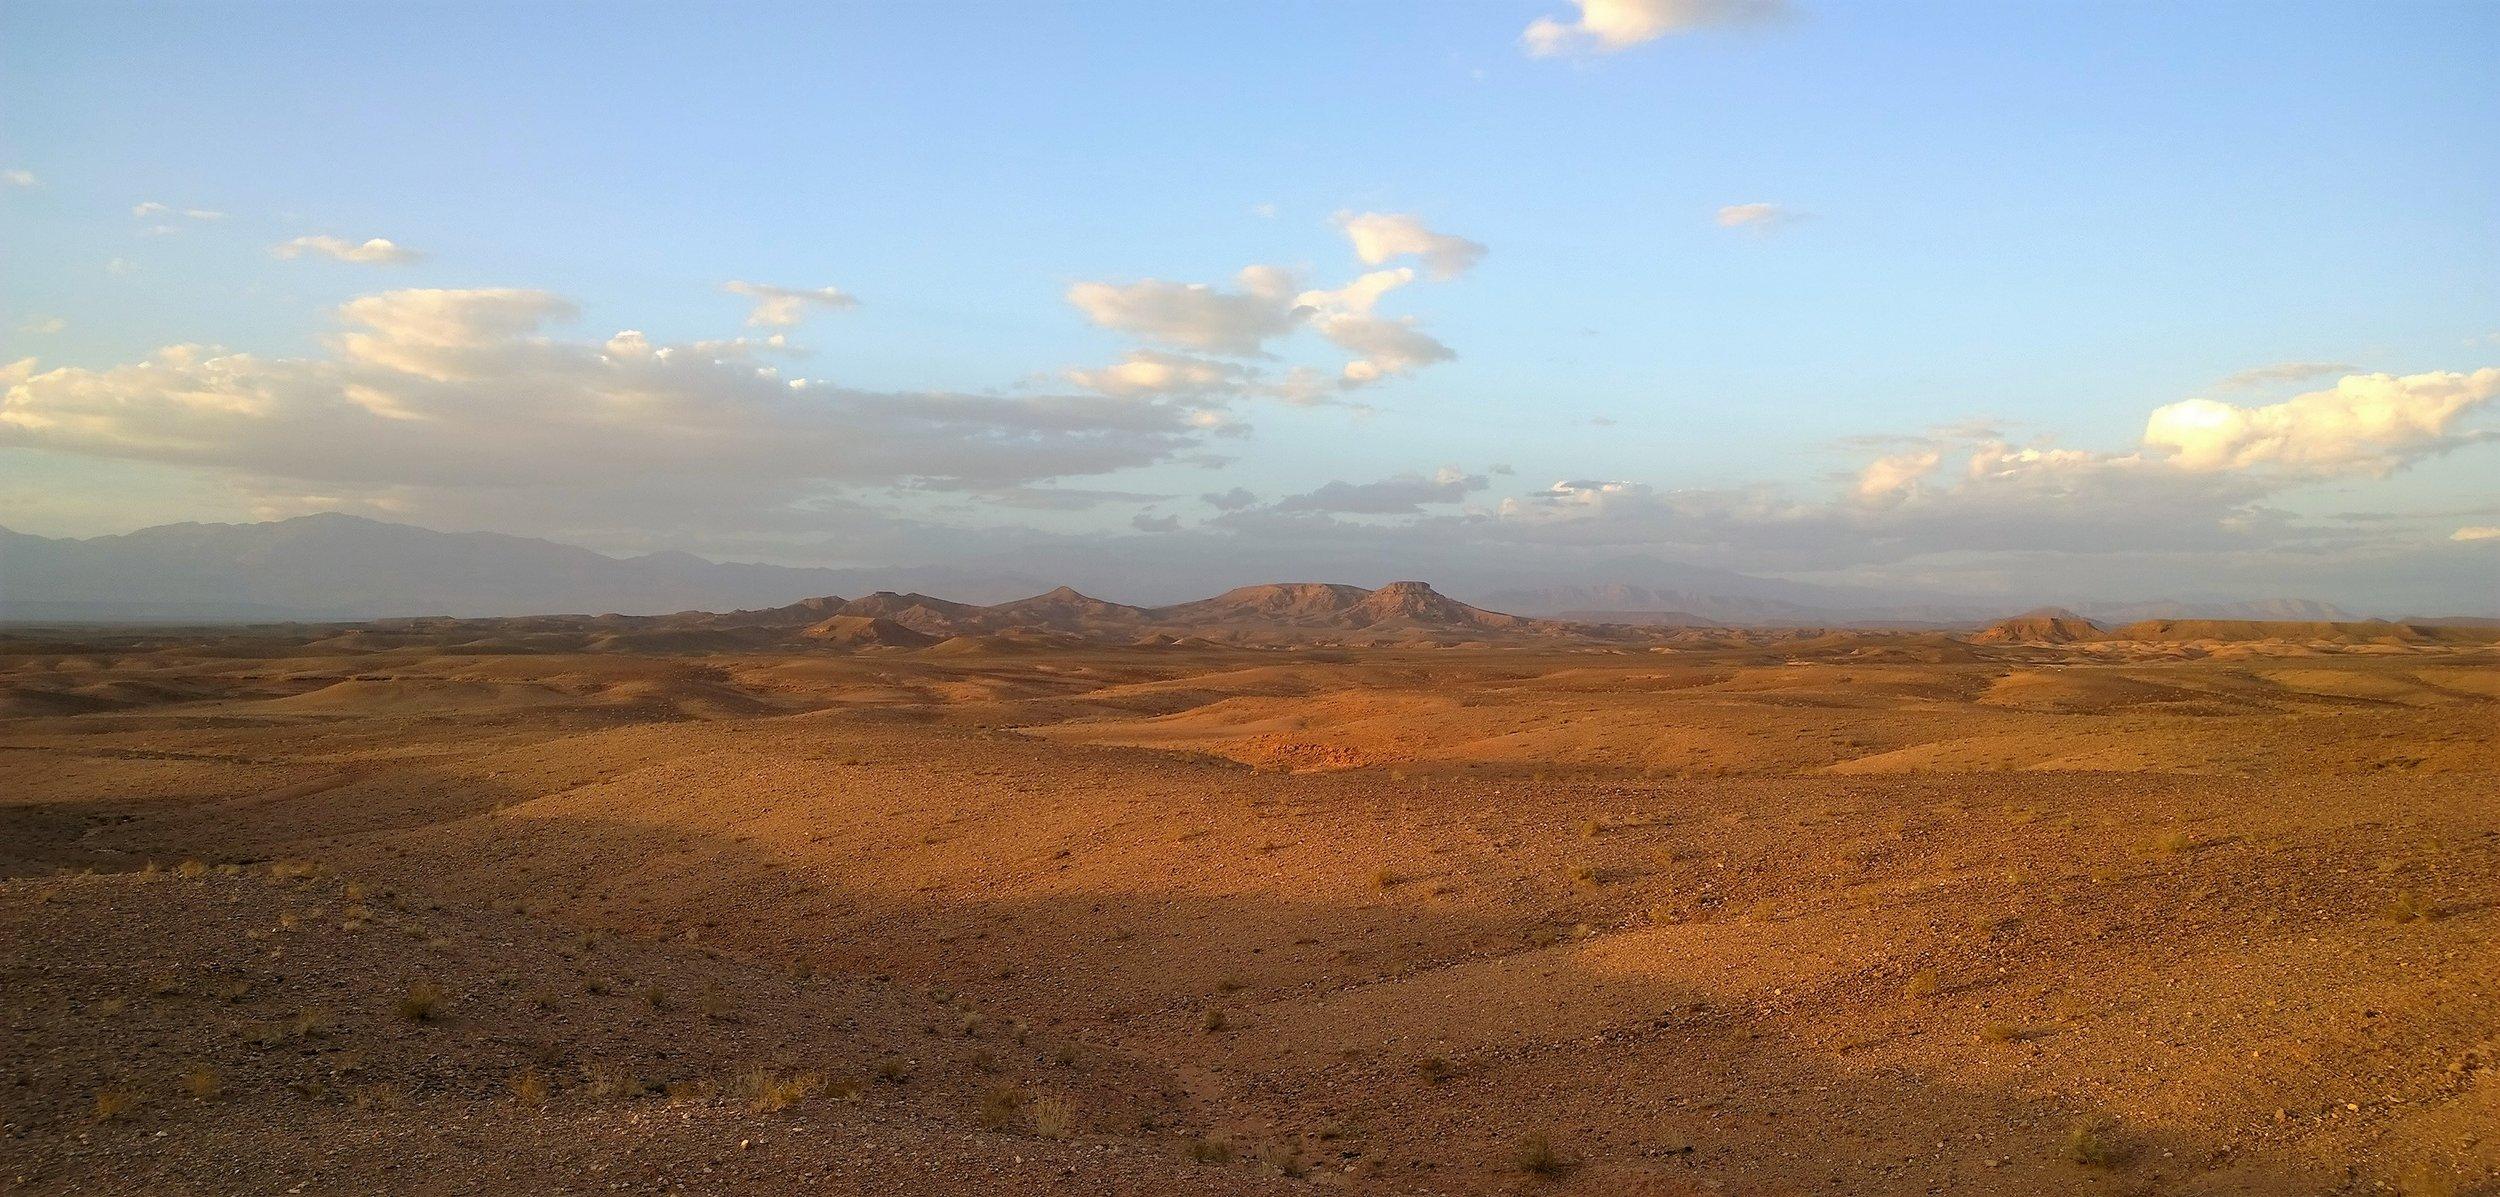 Atlasvuoriston eteläpuolella maisemat ovat jo todella aavikomaisia...